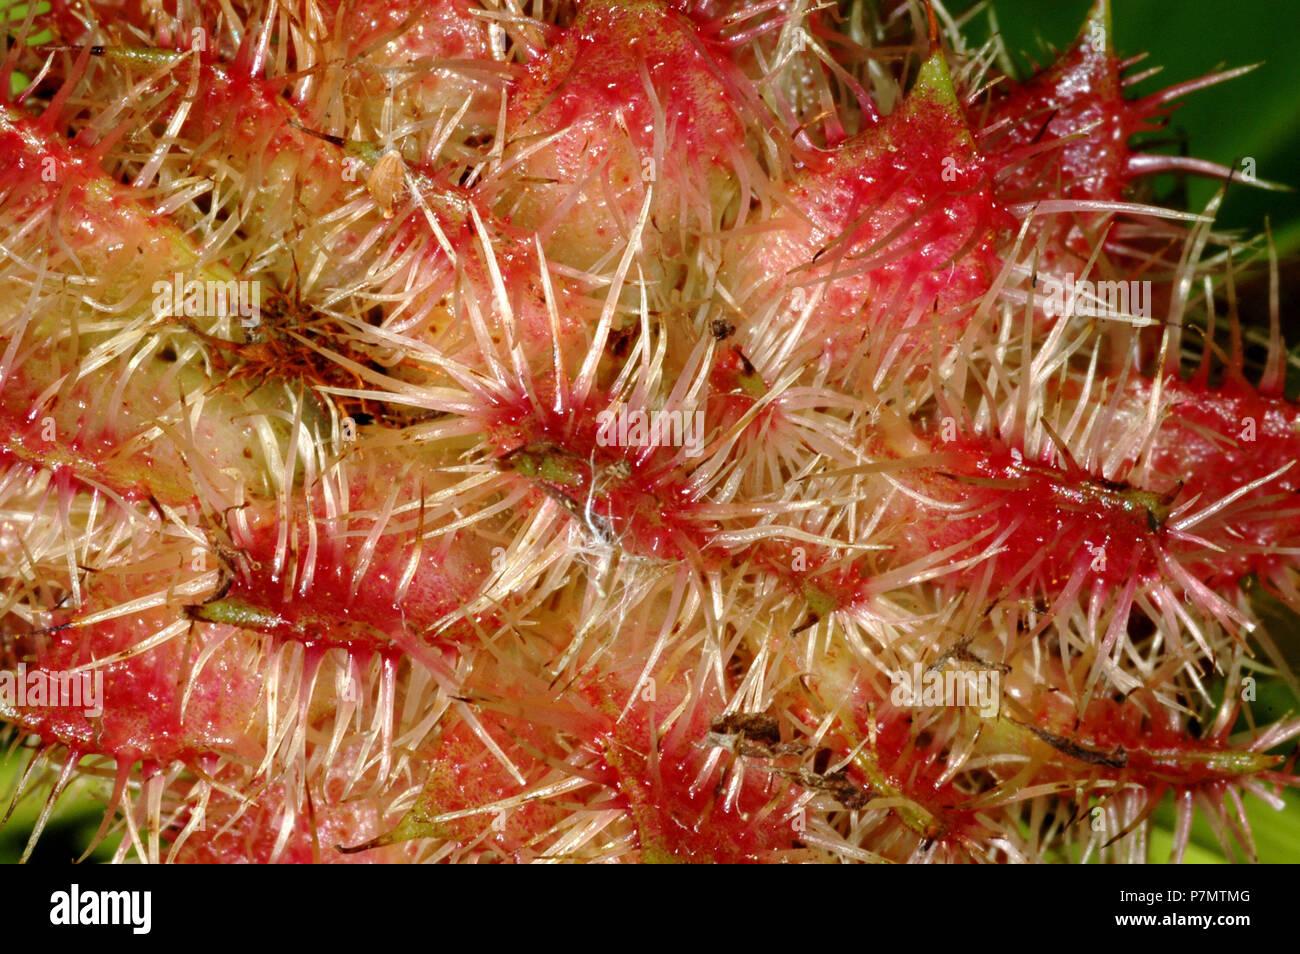 Fruits of Liquorice (Glycyrrhiza glabra) Stock Photo